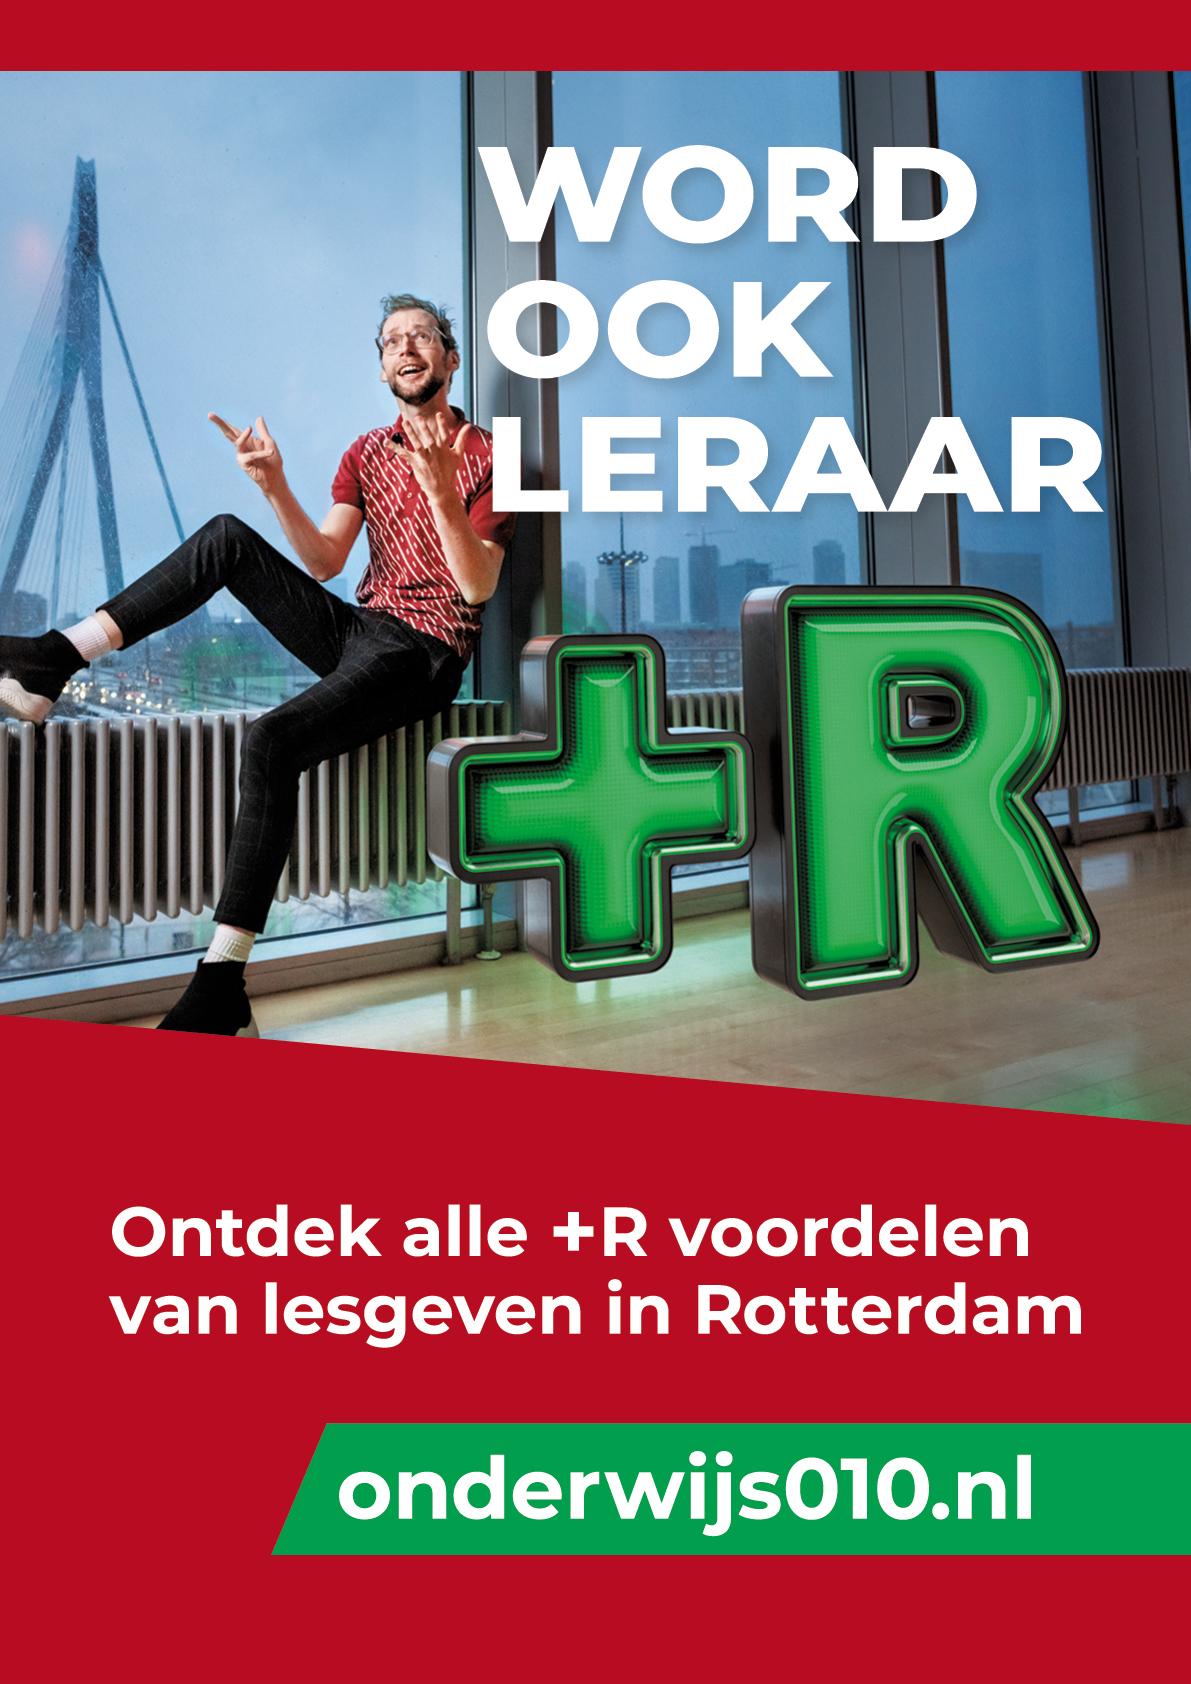 0to9: Campagne voor 'Word een Leraar+R in Rotterdam', Geert.